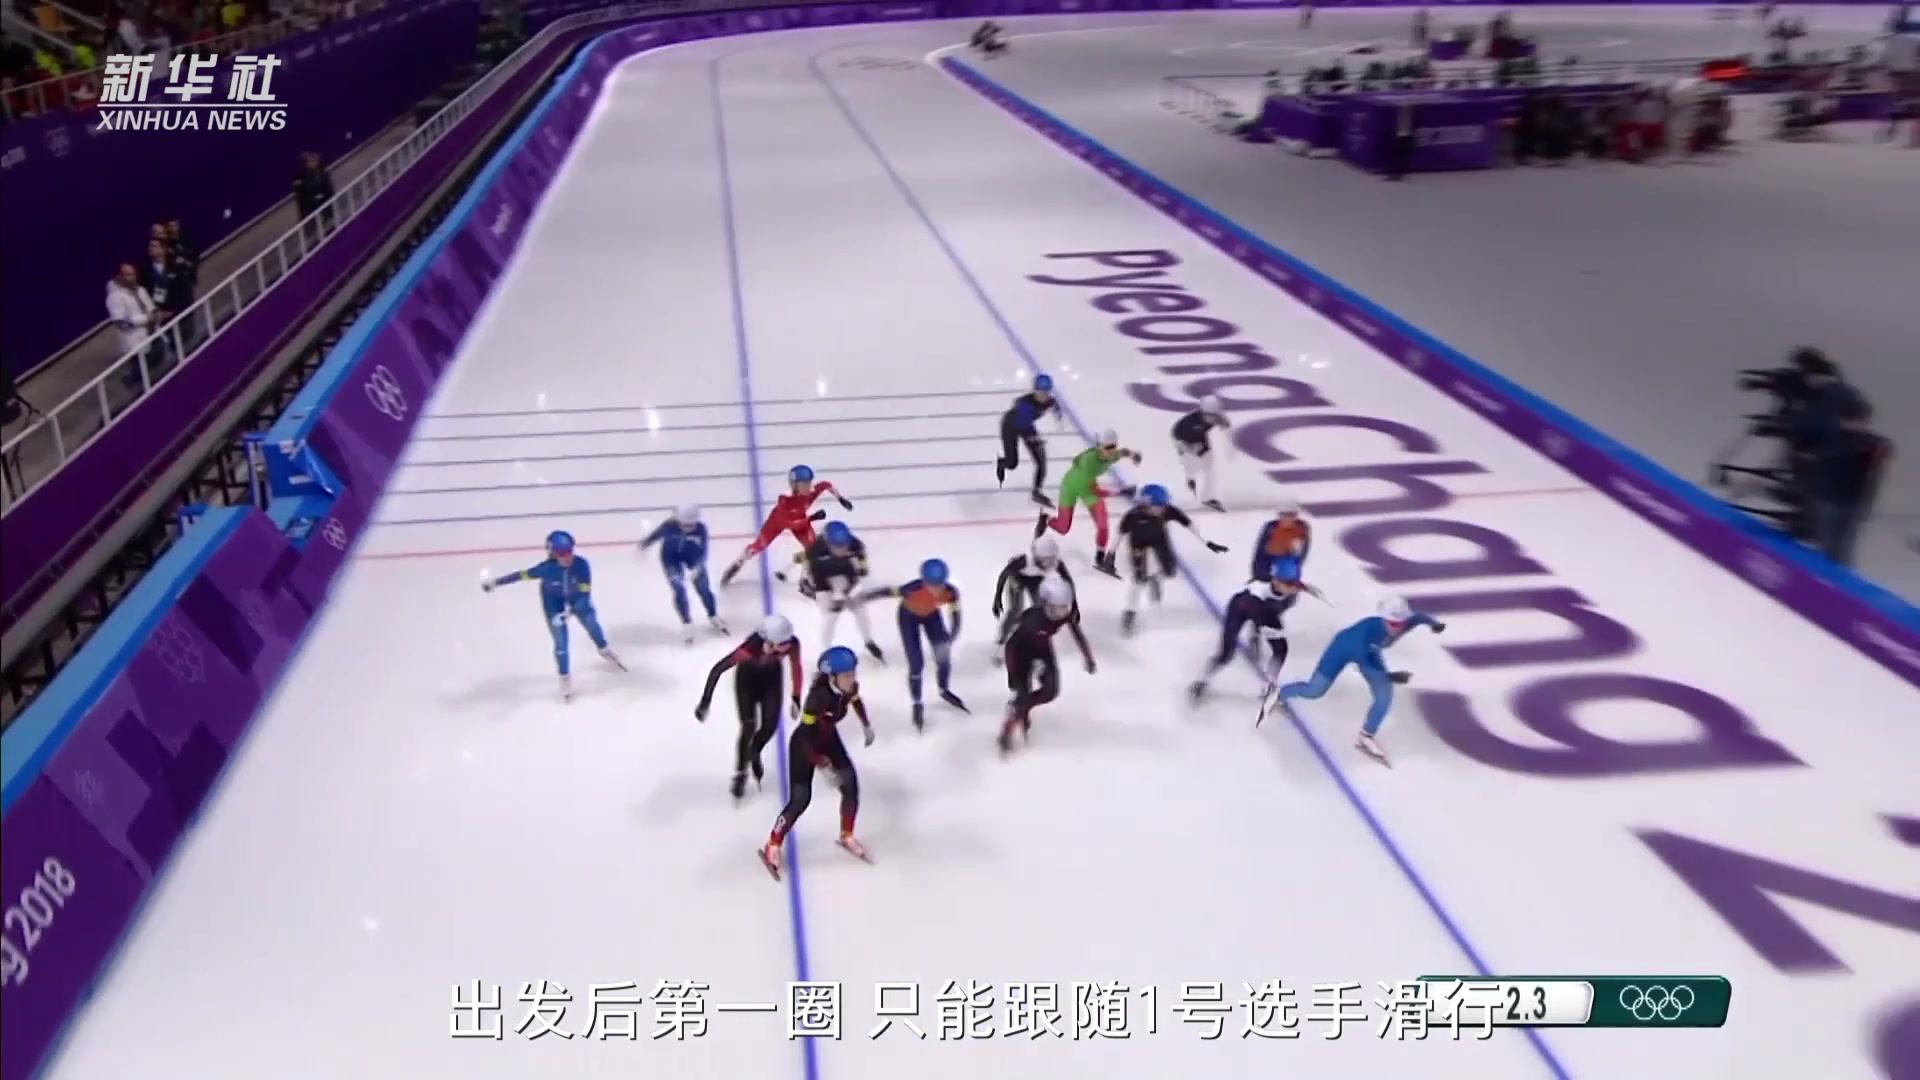 冬奥知识|第一集:速度滑冰